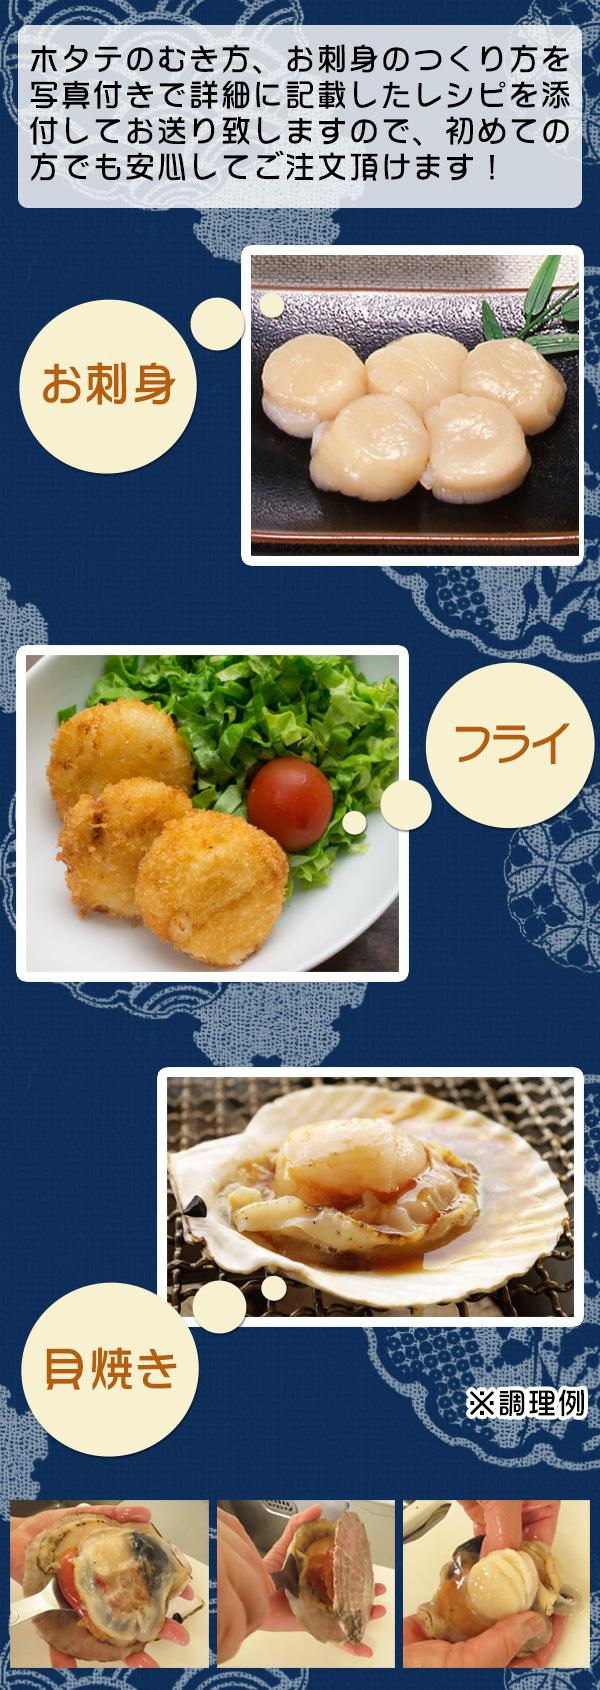 ホタテのむき方、お刺身のつくり方を写真付きで詳細に記載したレシピを添付してお送り致しますので、初めての方でも安心してご注文頂けます!